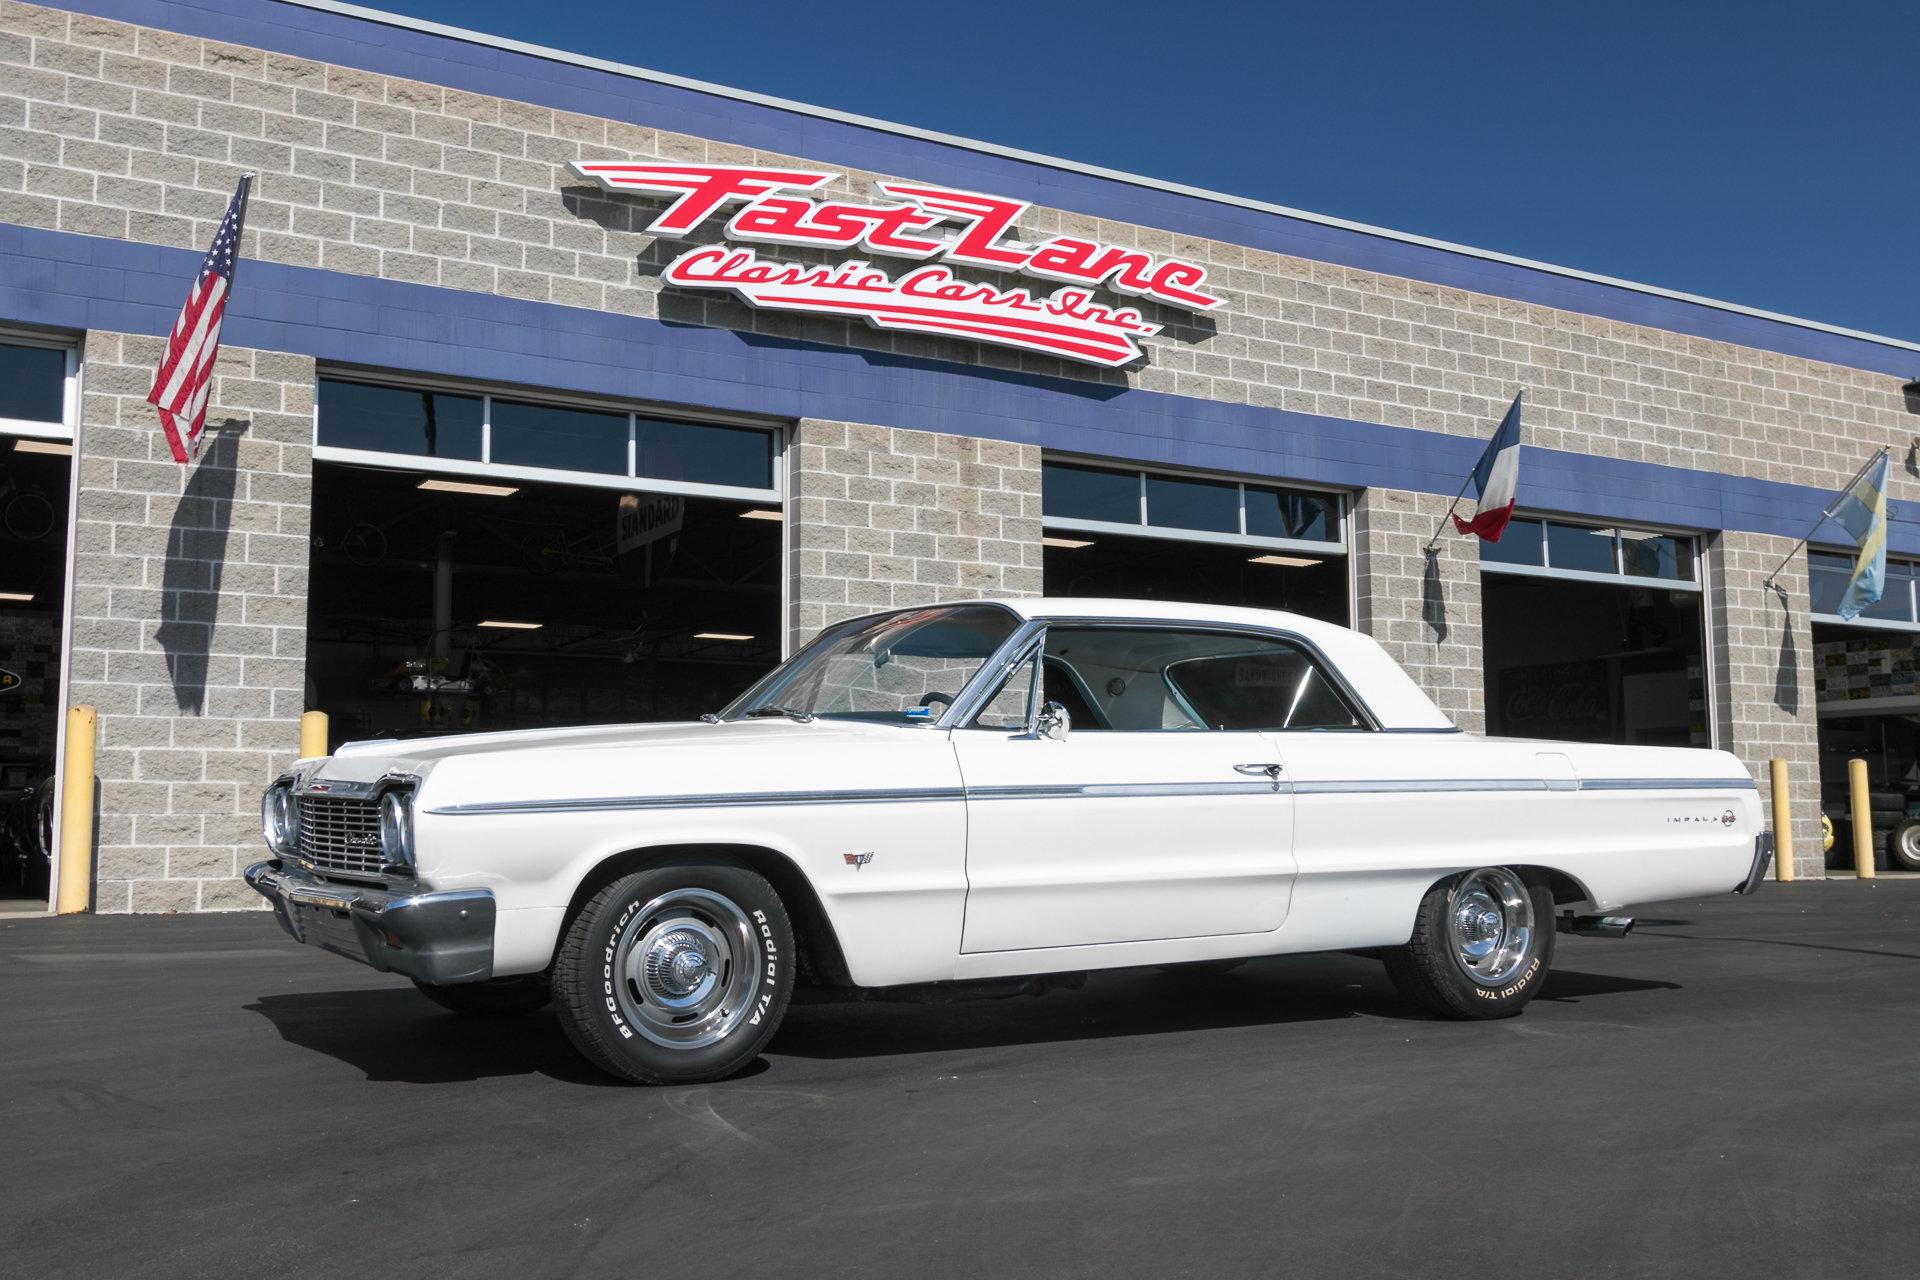 63393bdc0685d hd 1964 chevrolet impala ss